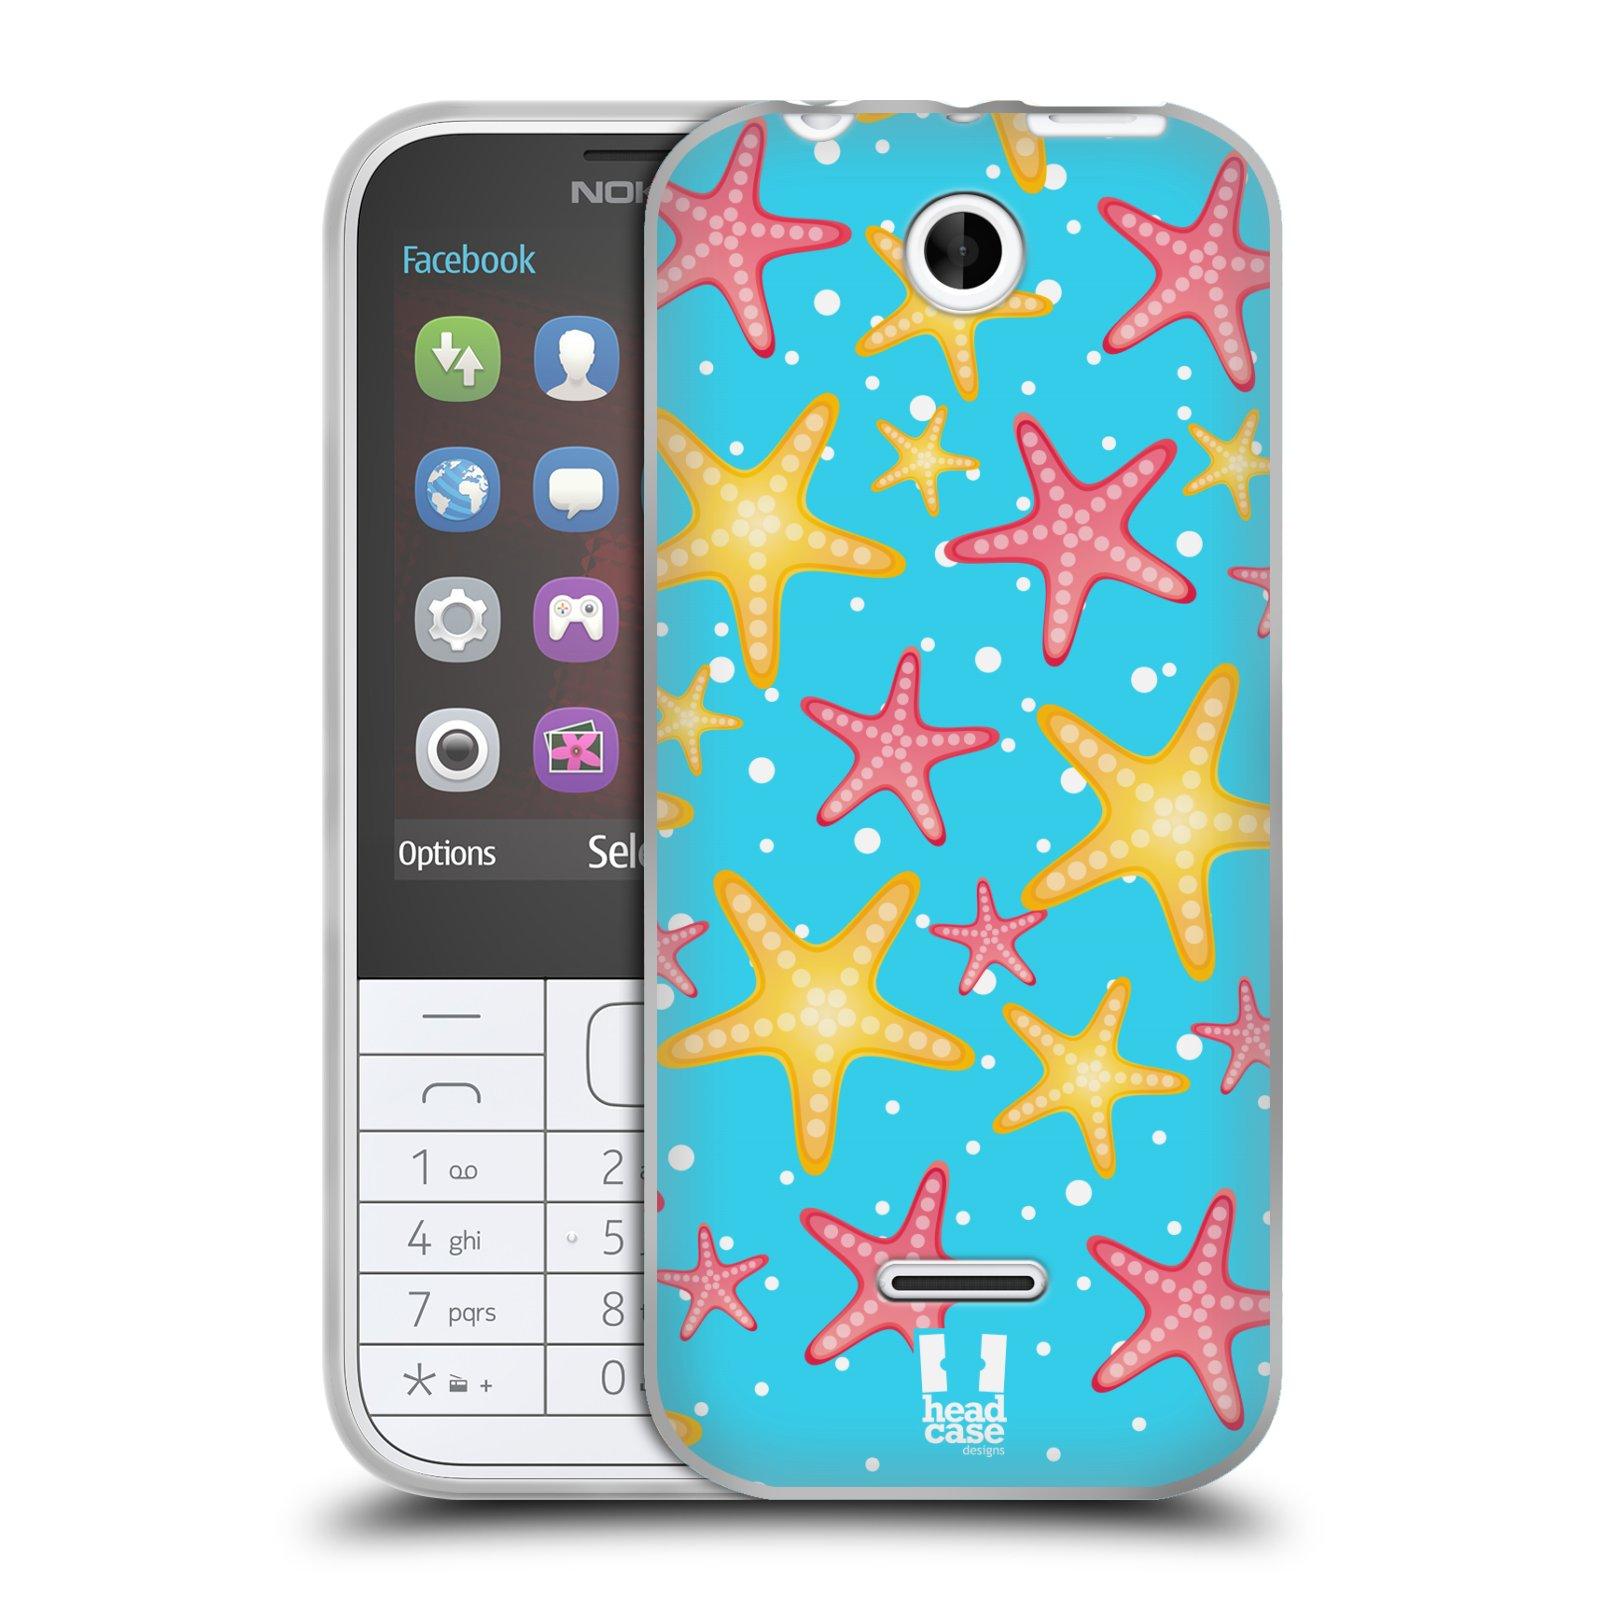 HEAD CASE silikonový obal na mobil NOKIA 225 / NOKIA 225 DUAL SIM vzor mořský živočich hvězda